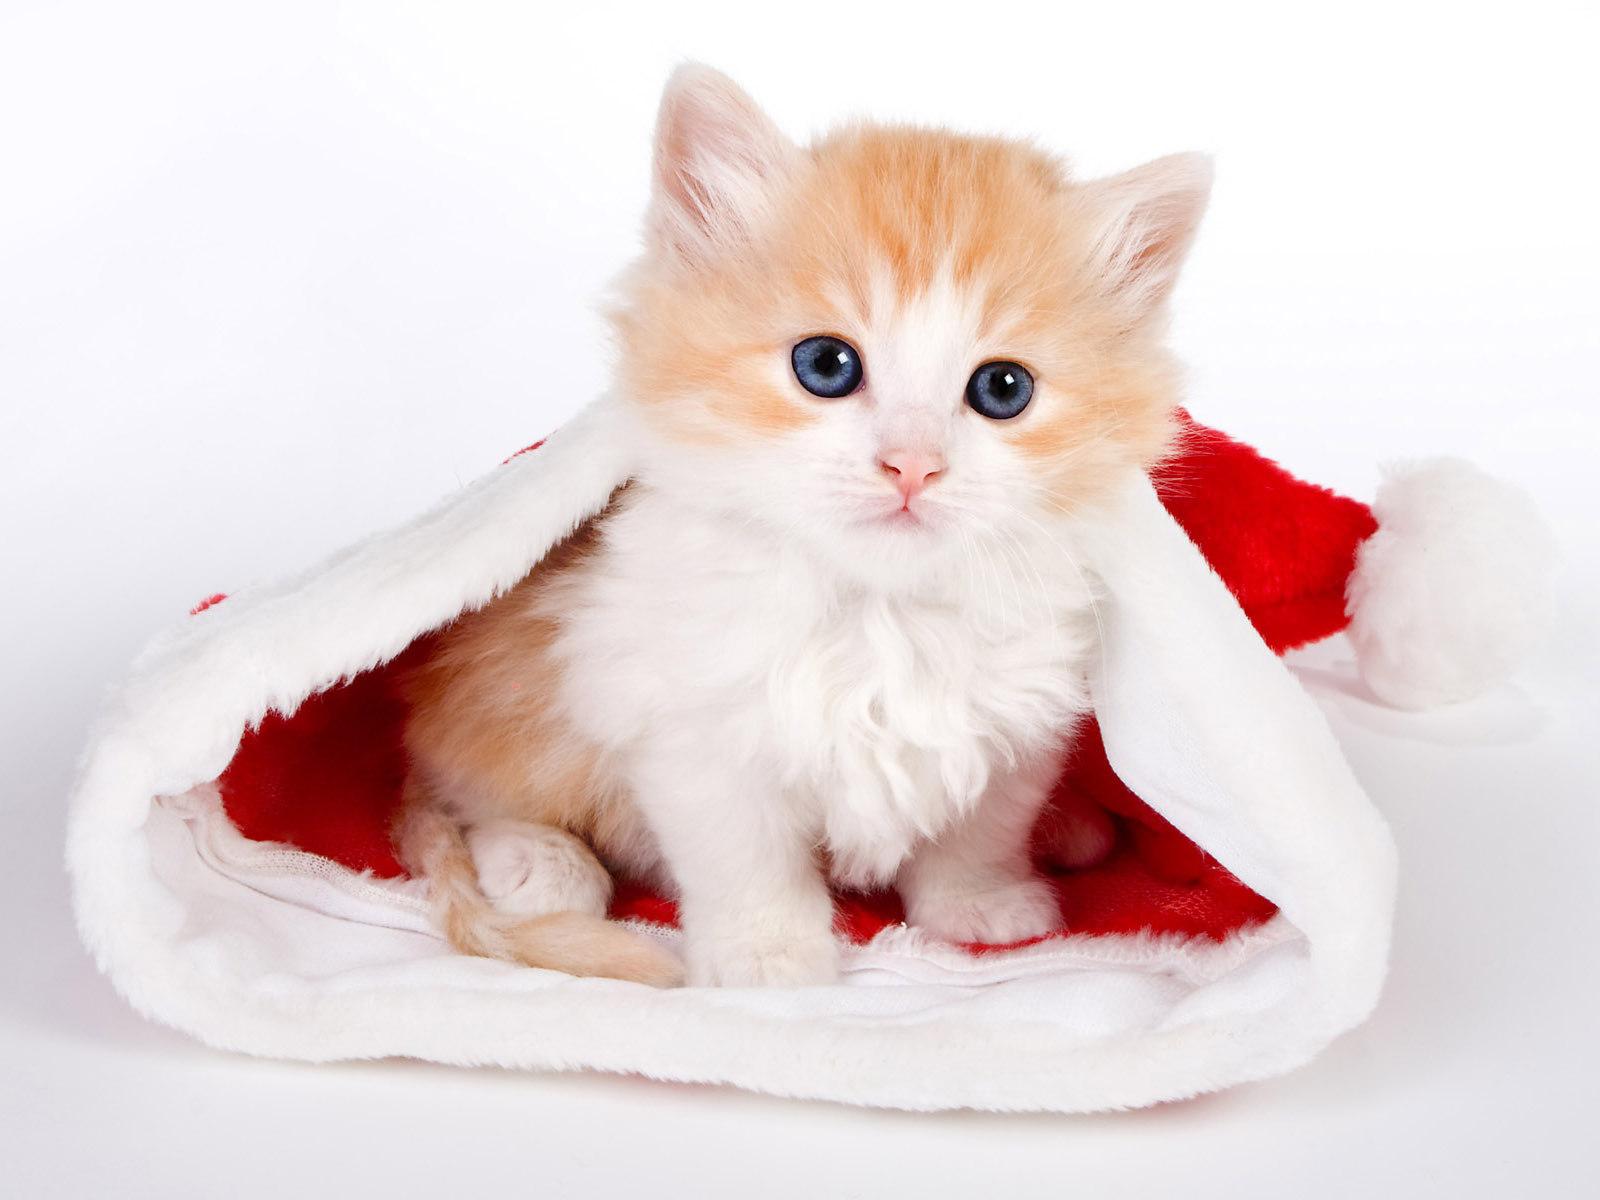 Christmas kittens wallpaper sf wallpaper kittens wallpaper christmas wallpaper src altavistaventures Images